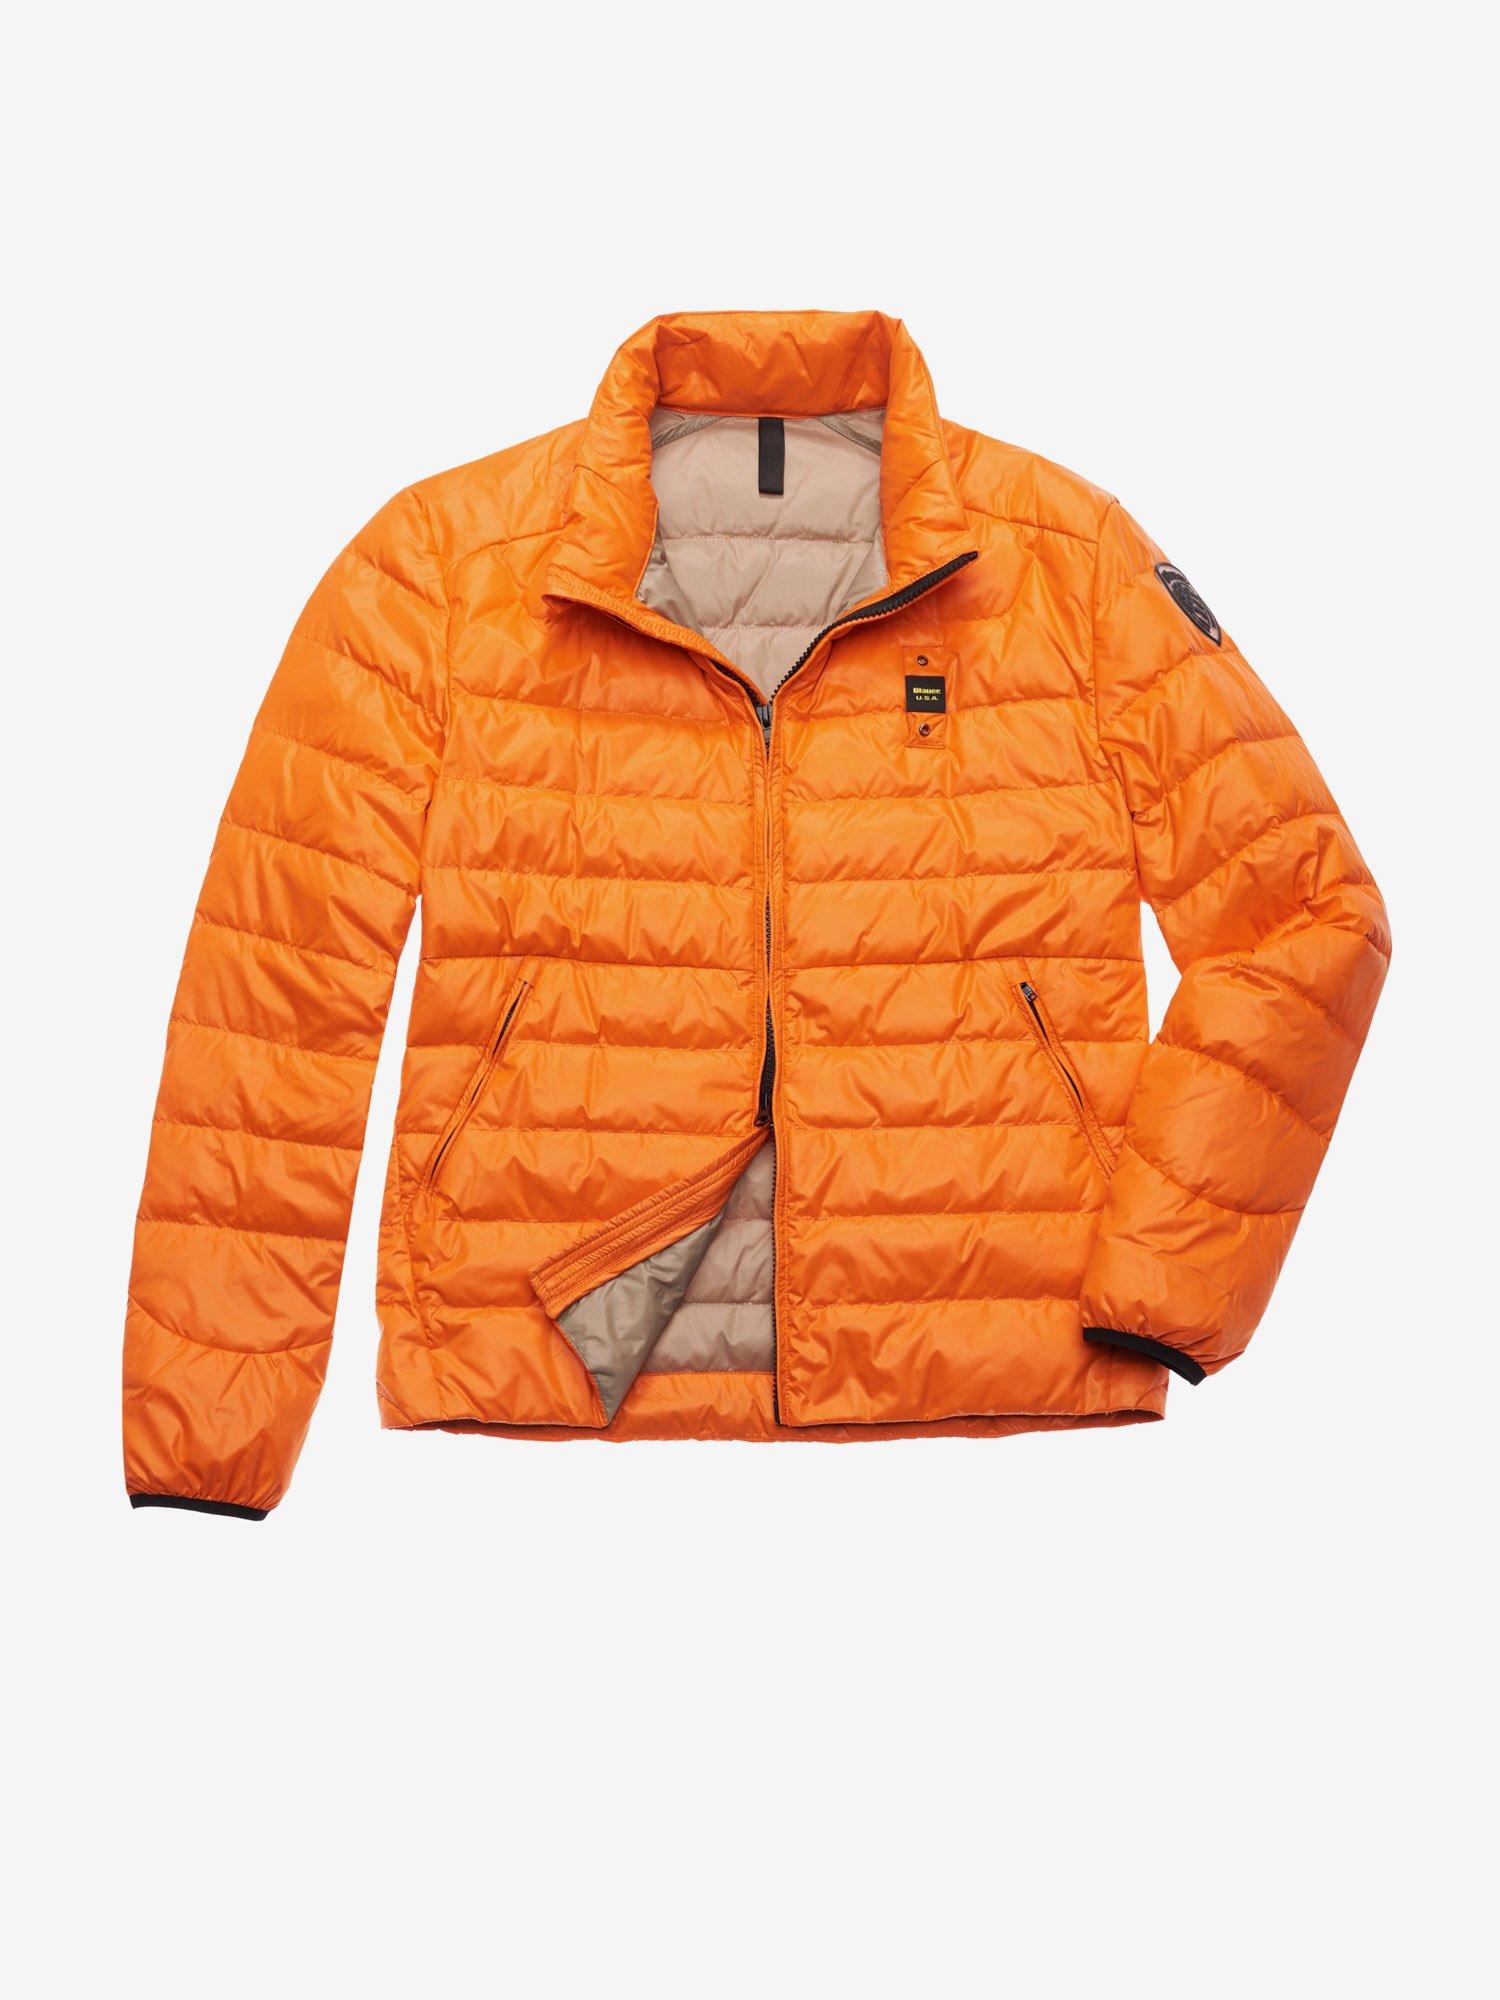 Blauer - YOUNG 100 GR DOWN JACKET - Orange Ins. light Nut - Blauer